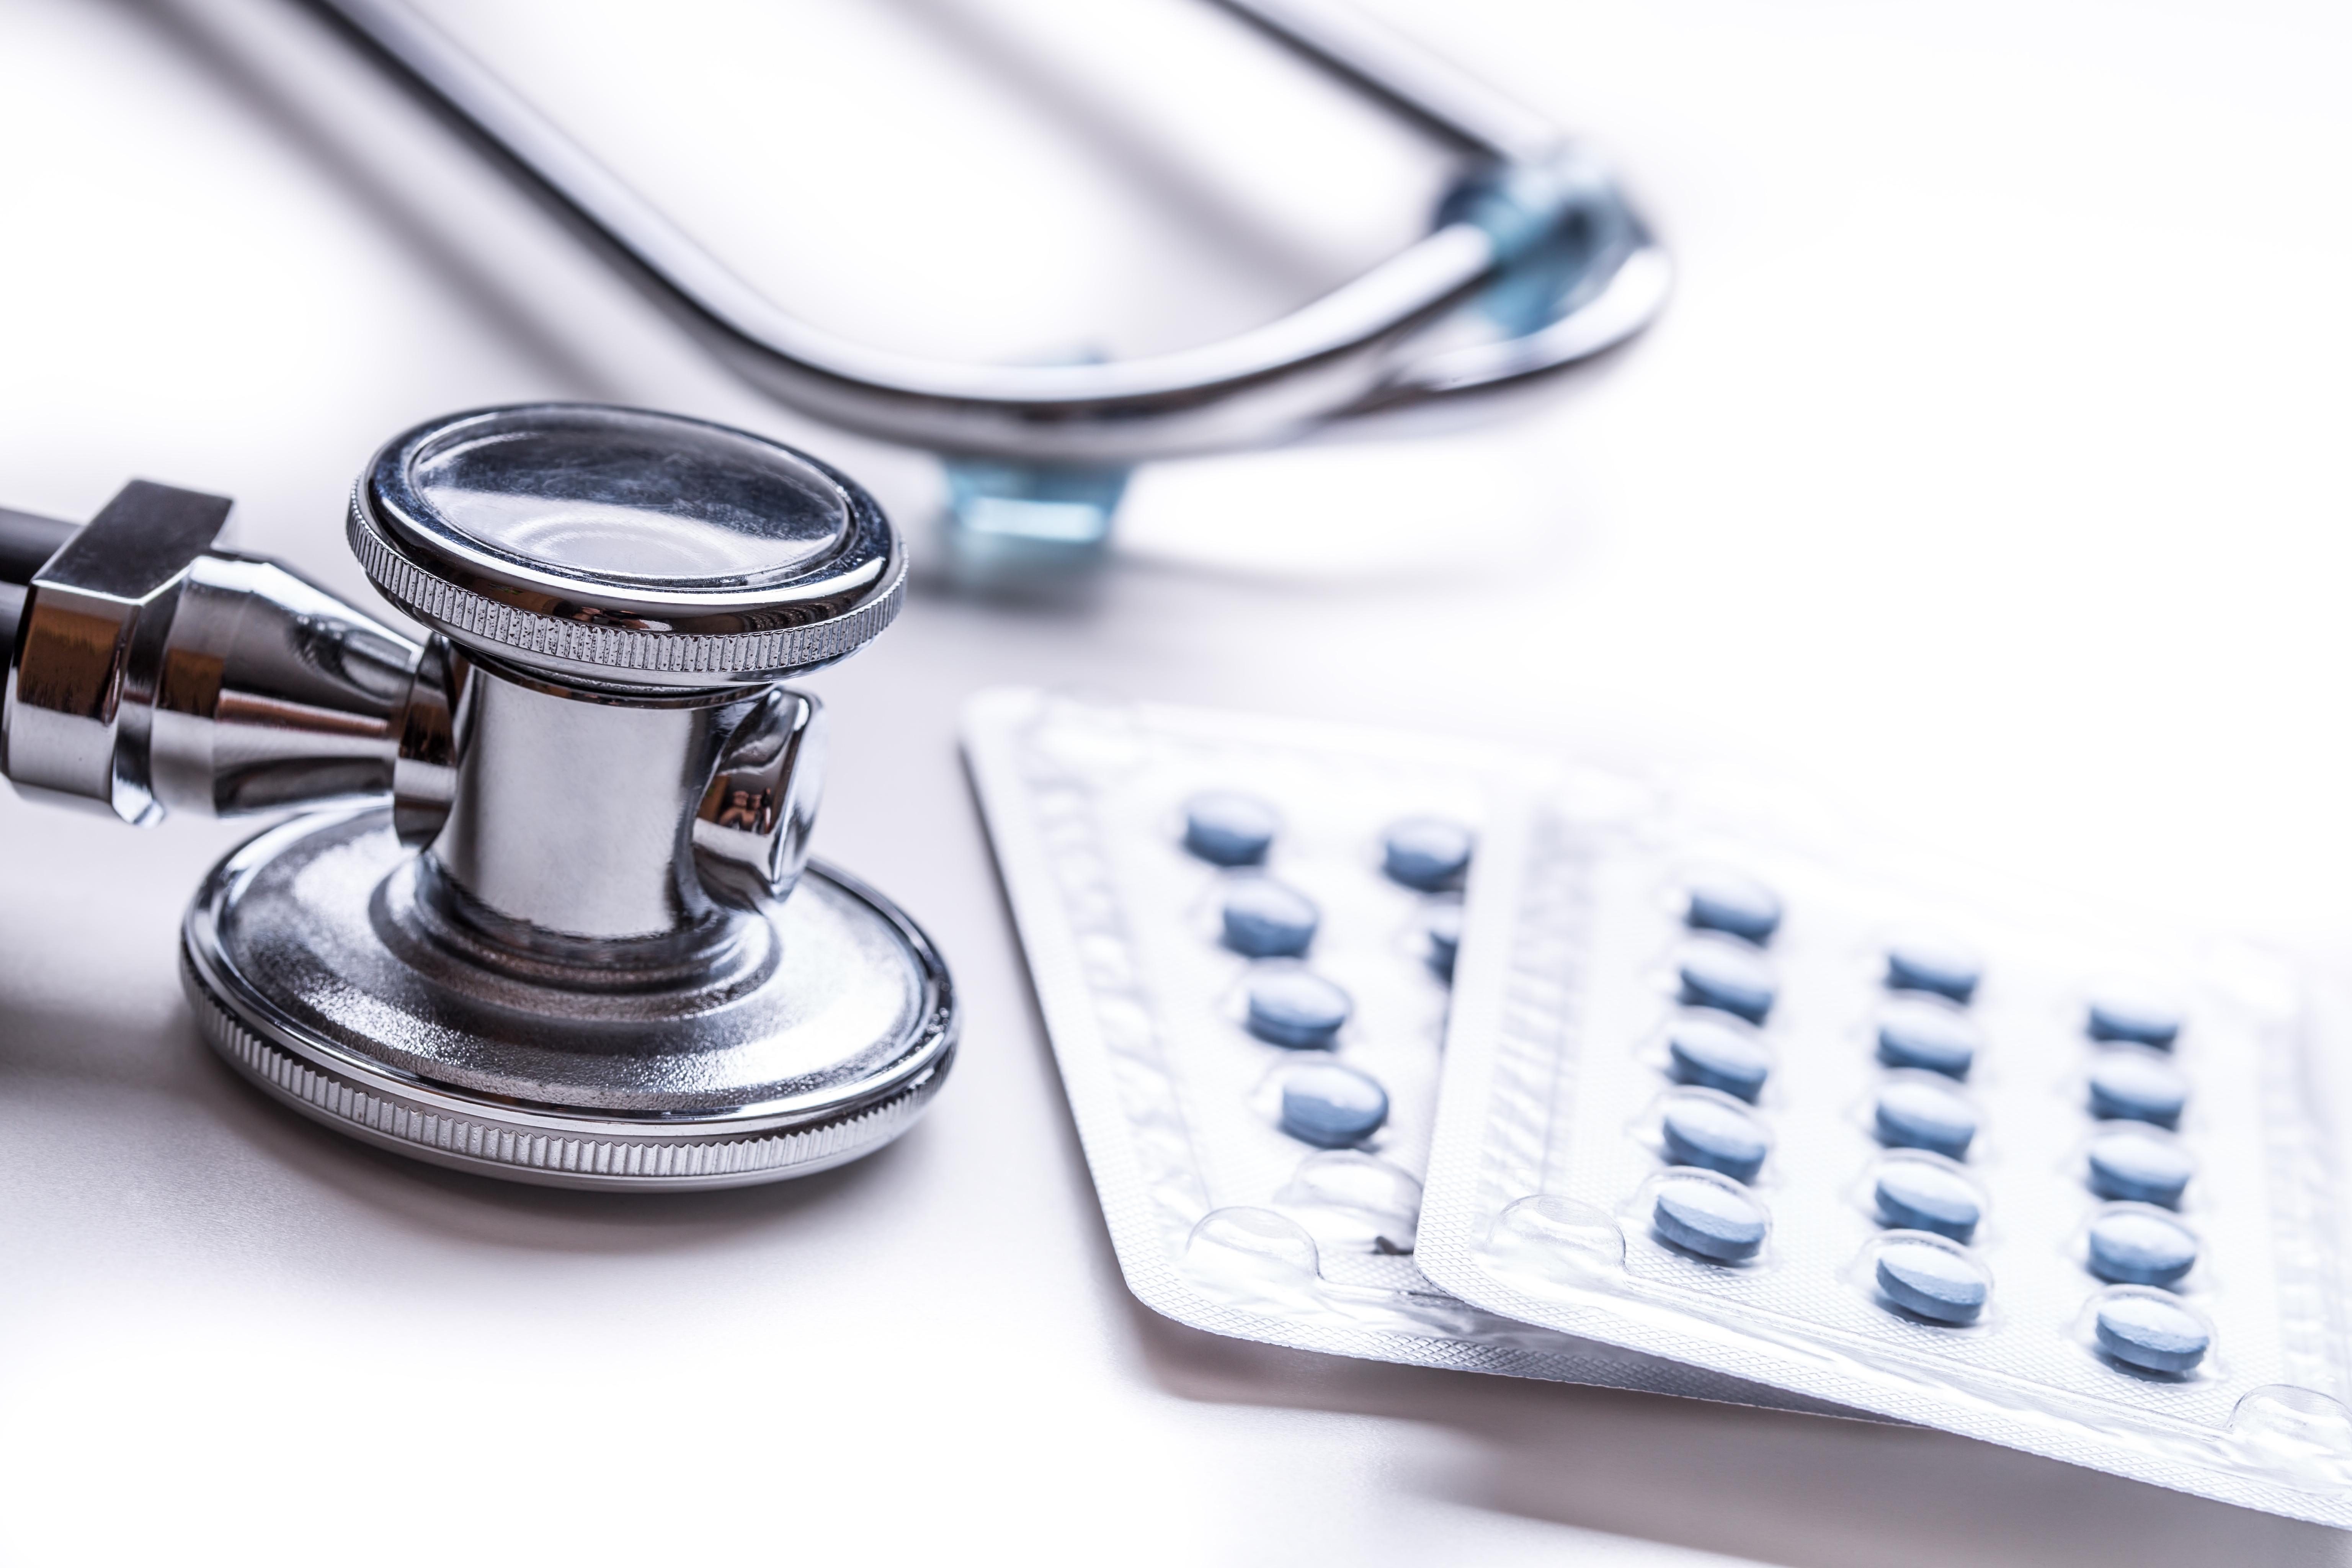 Durch Digitalisierung zu erhöhter Medikationssicherheit